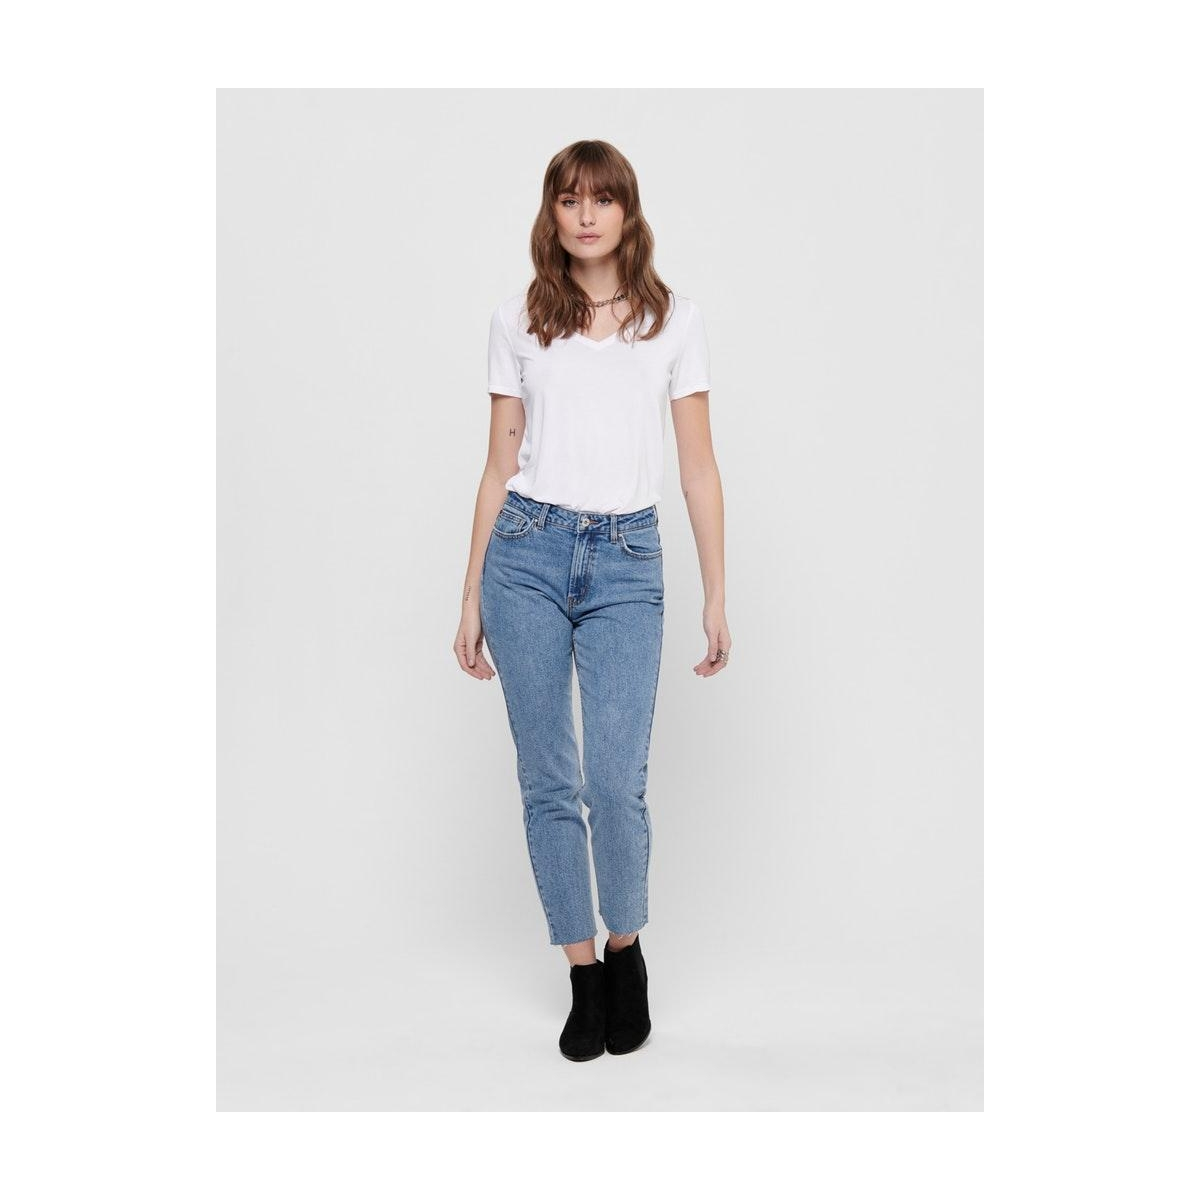 onlfree life s/s v-neck top noos jr 15199572 only t-shirt white